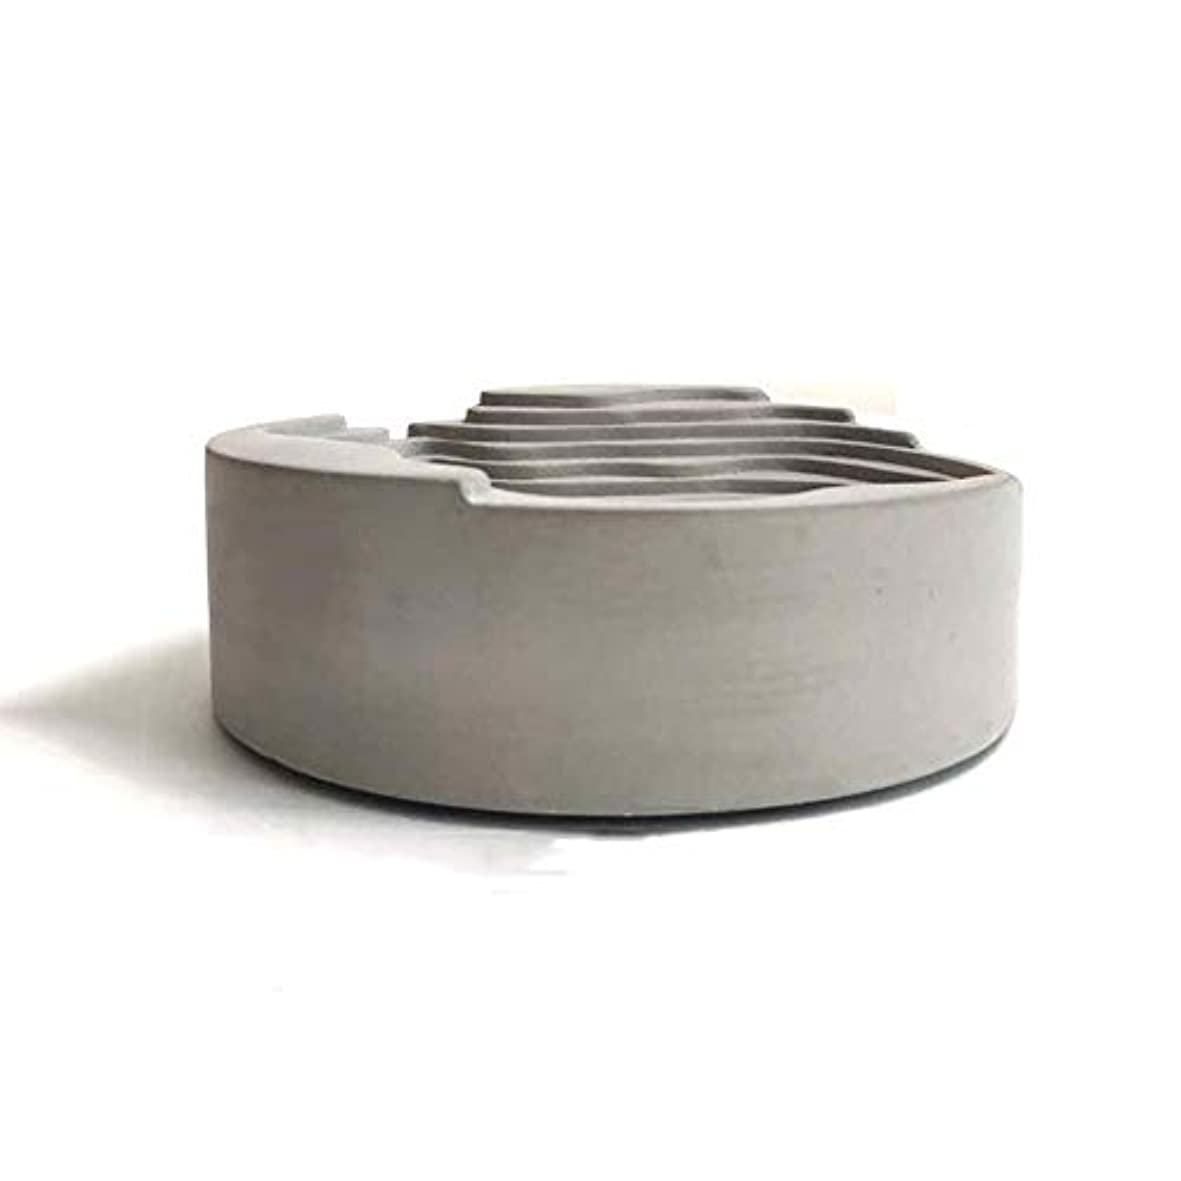 後リングレット体操選手セメント灰皿オリジナルシンプルウォーターコンクリートギフト灰皿